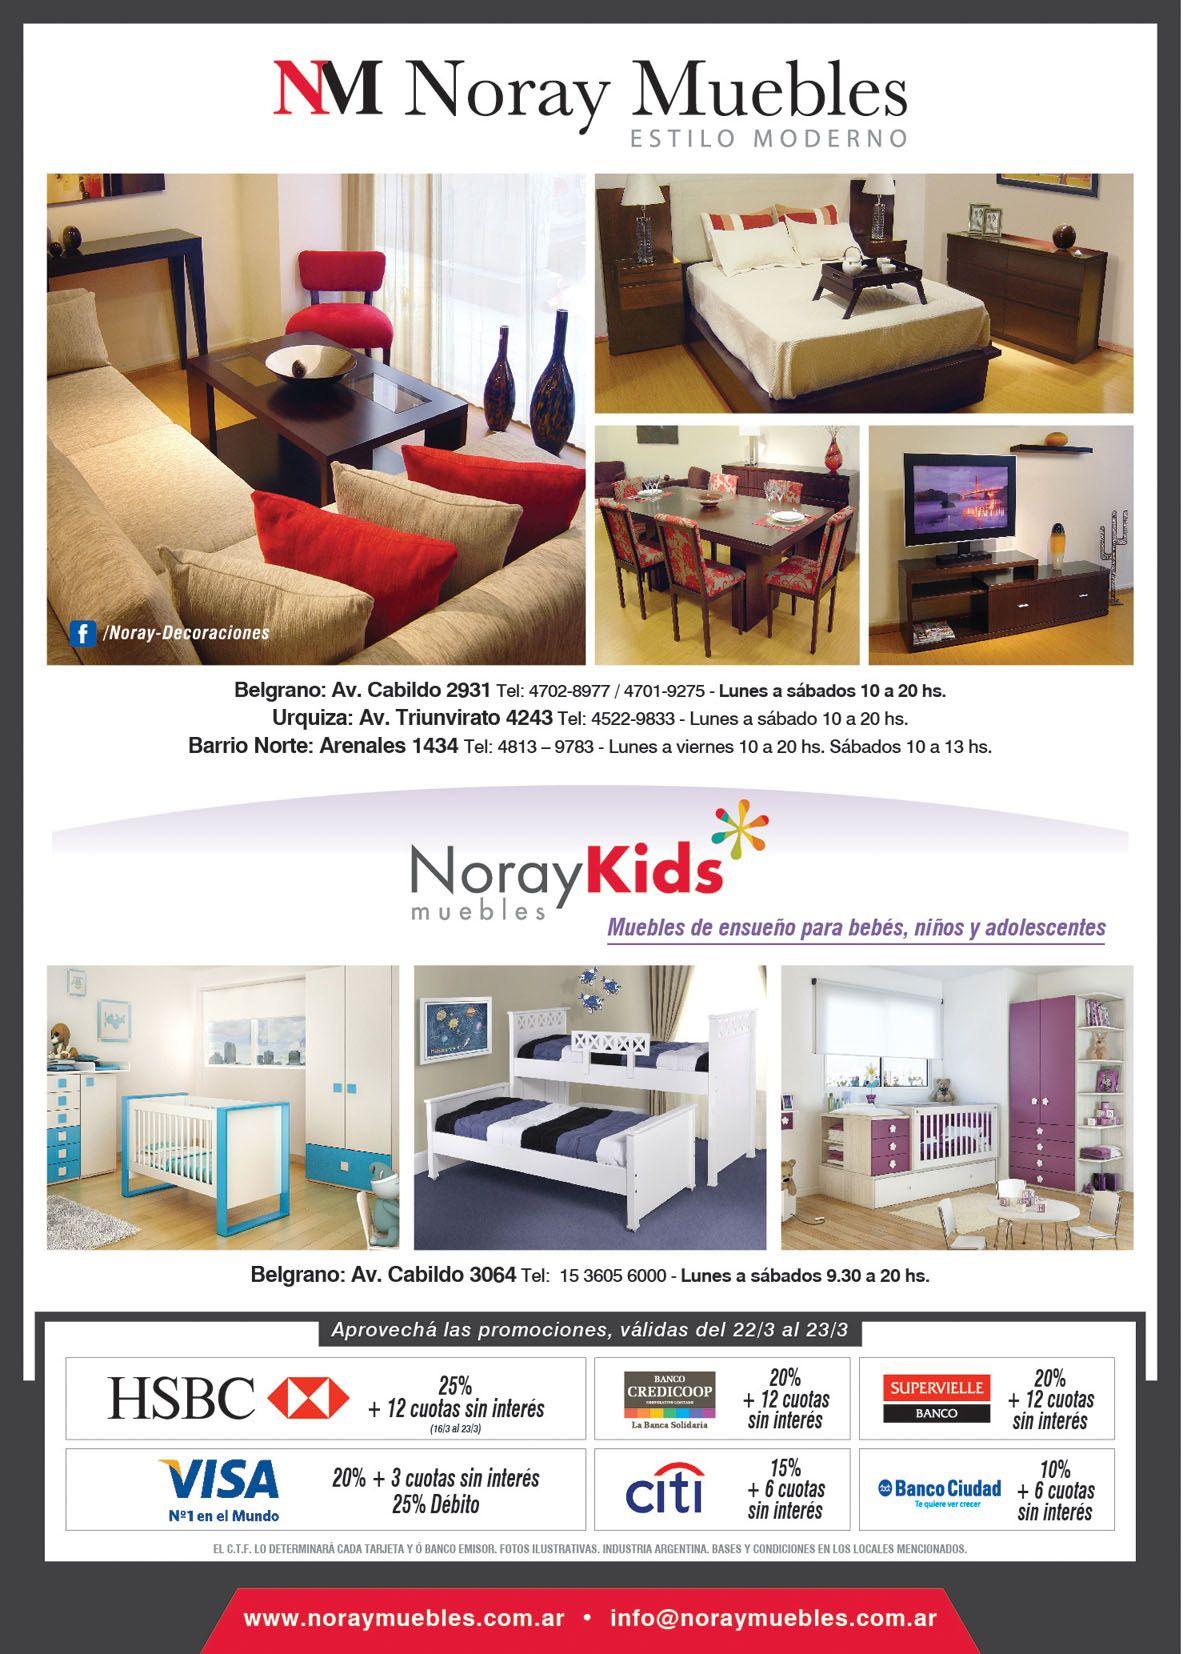 Dise O Gr Fico Y Pauta Publicitaria Para Nuestro Cliente Noray  # Muebles Cabildo